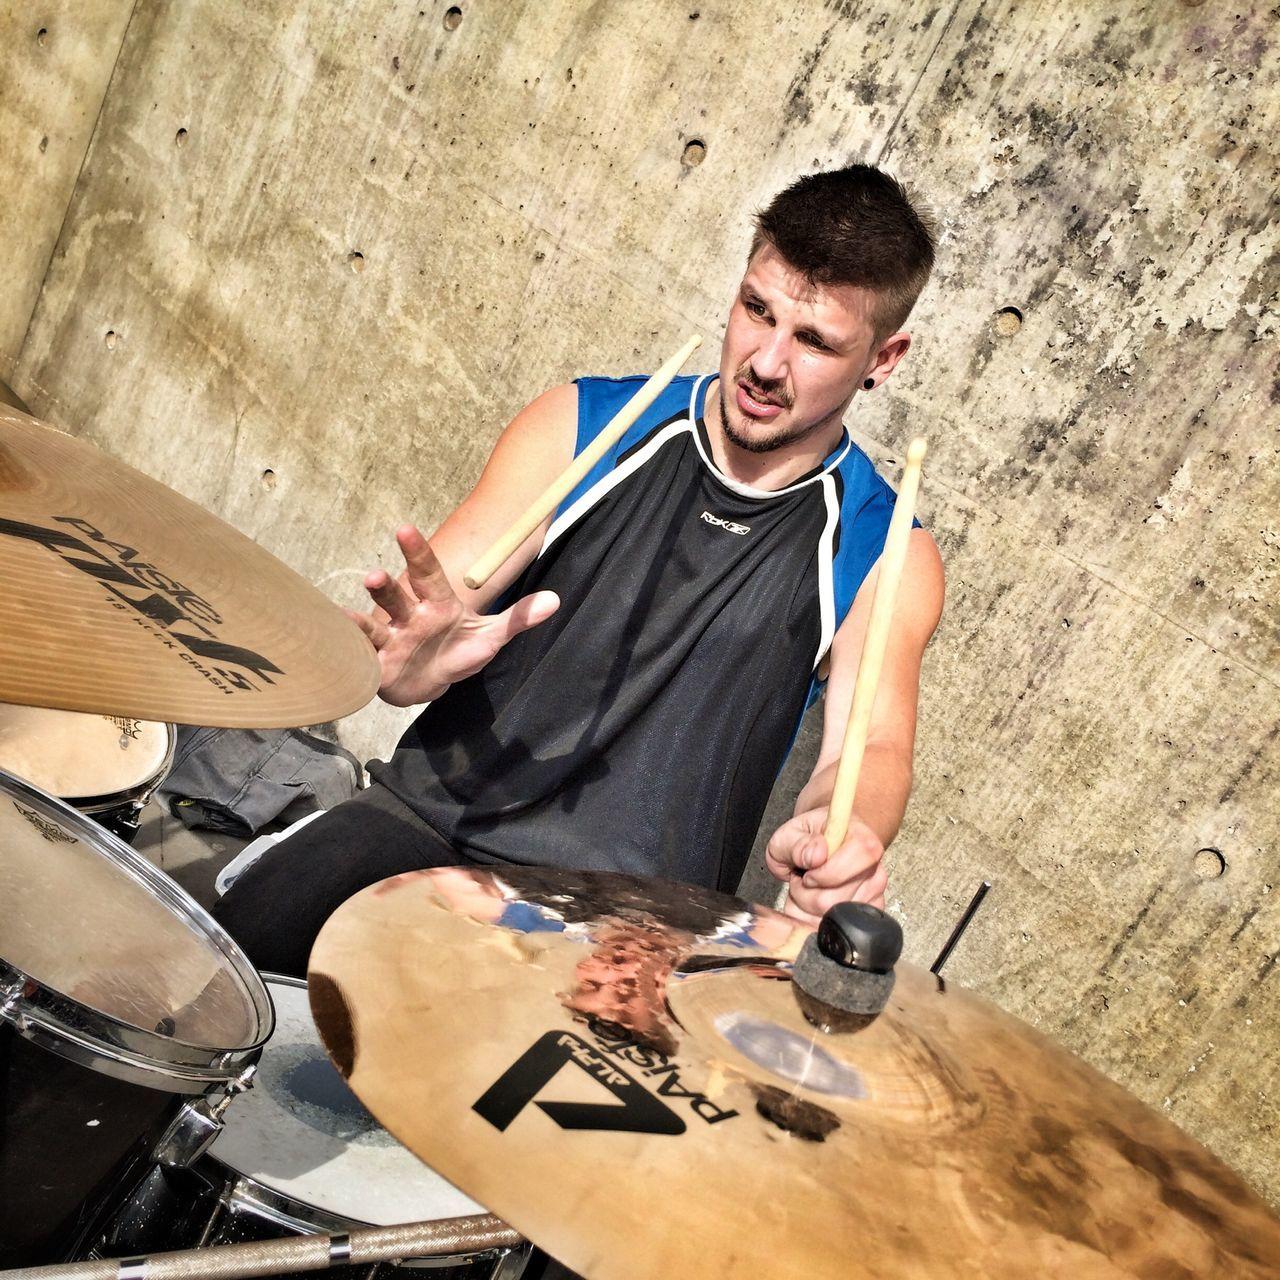 Shoot Share Learn Manchester, EyeEm Meet-up Manchester Drummer.